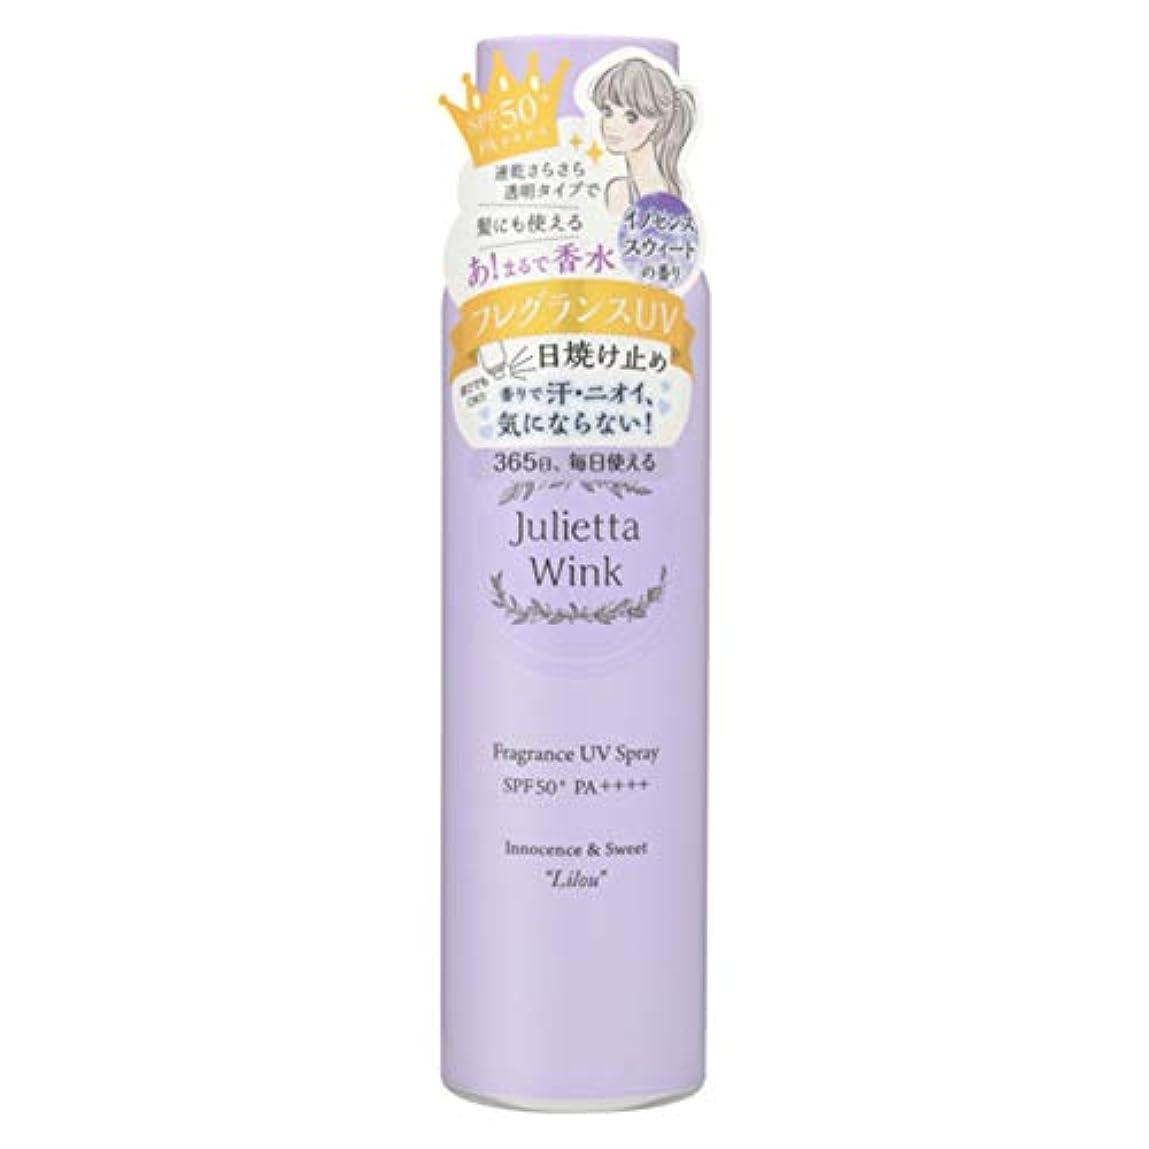 ストライプ部債務者ジュリエッタウィンク フレグランス UVスプレー[リル]100g イノセンススウィートの香り(紫)